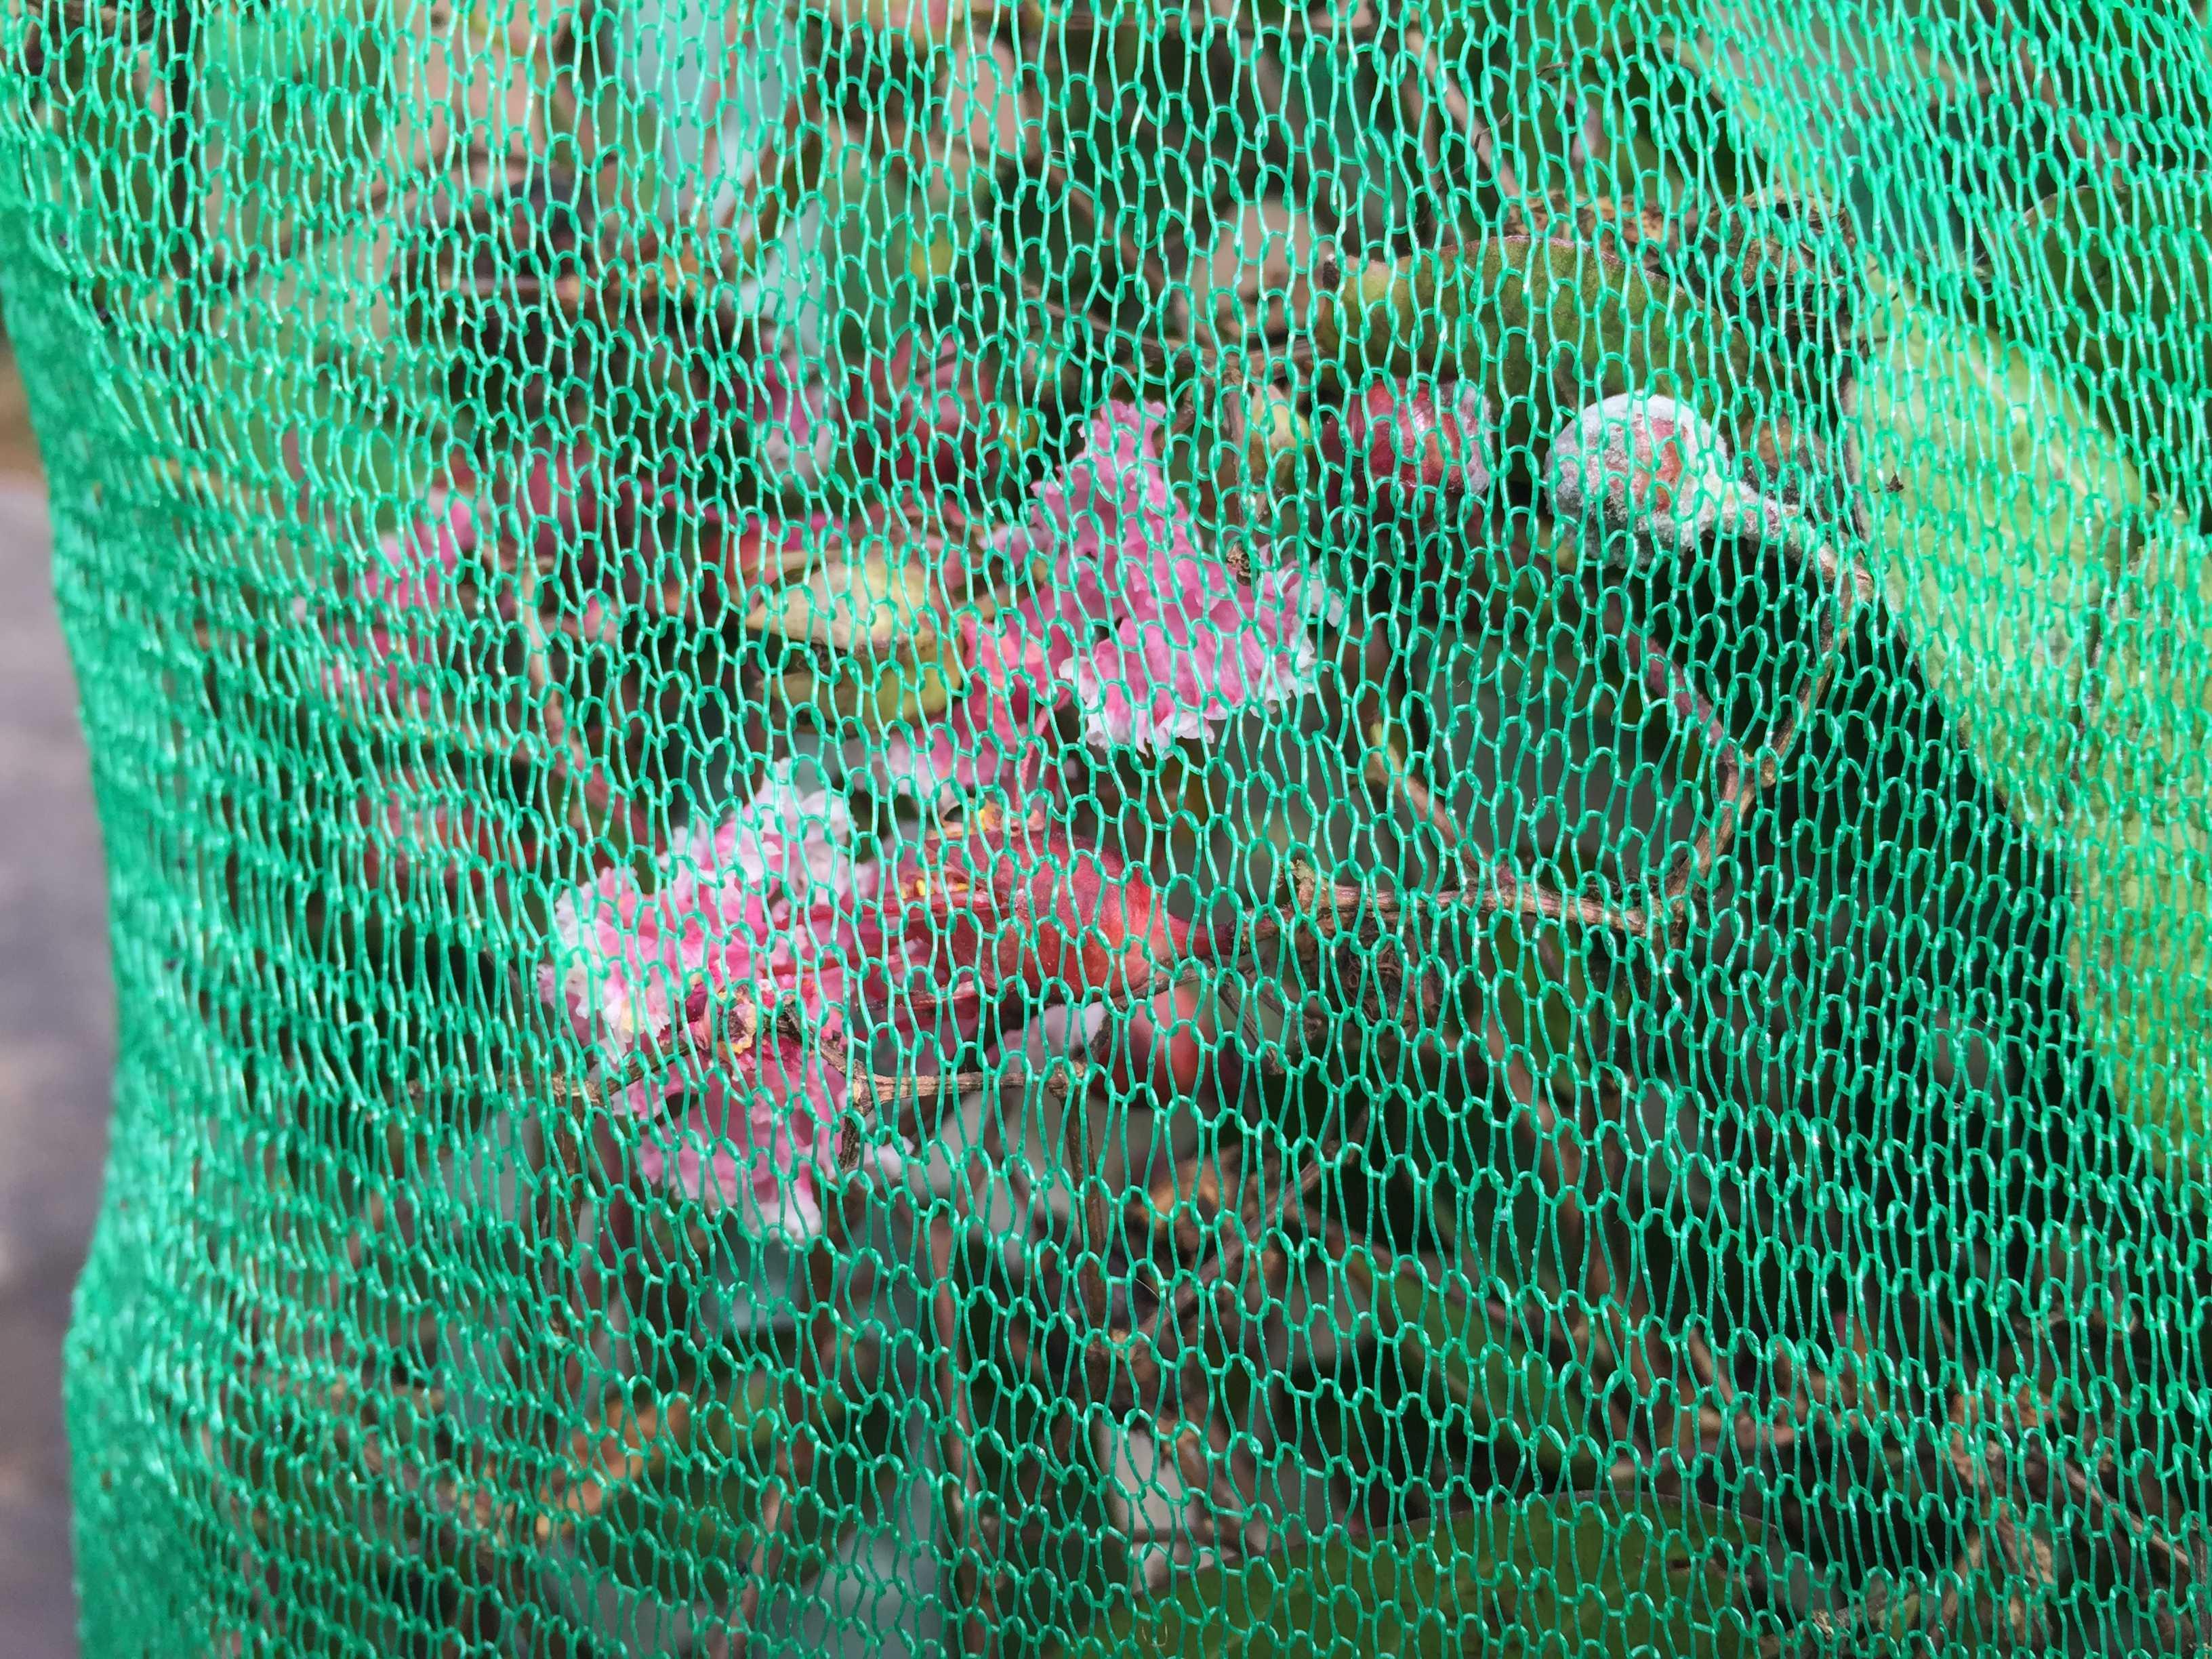 自宅に届いたサルスベリ「ナツマツリ」の緑色の配送用ネット